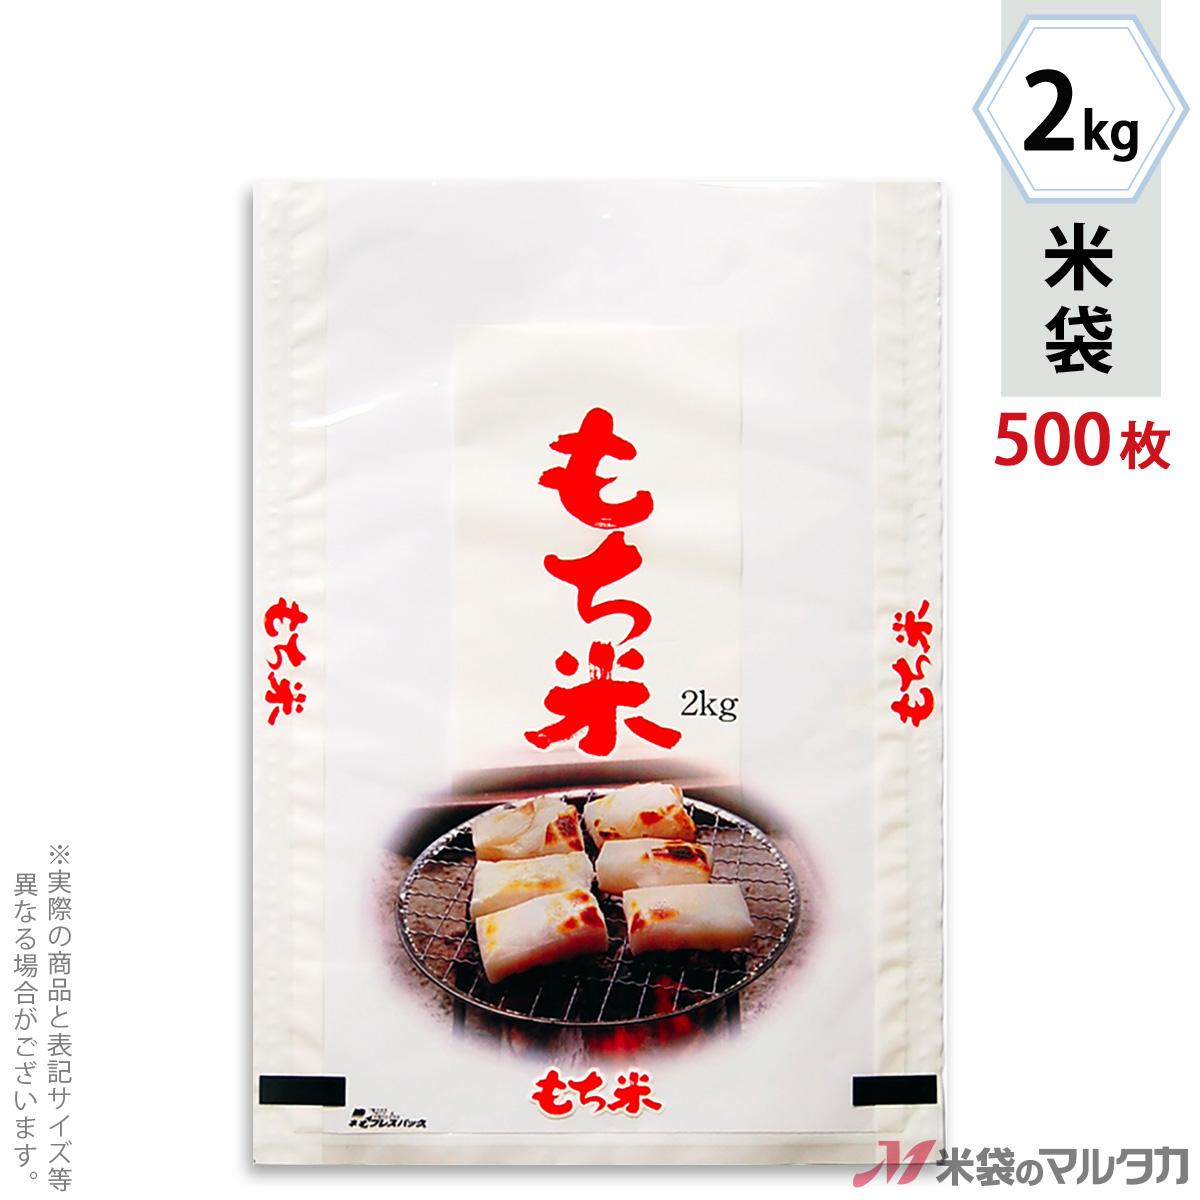 米袋 ポリポリ ネオブレス もち米 いろりばた 2kg 1ケース(500枚入) MP-5229